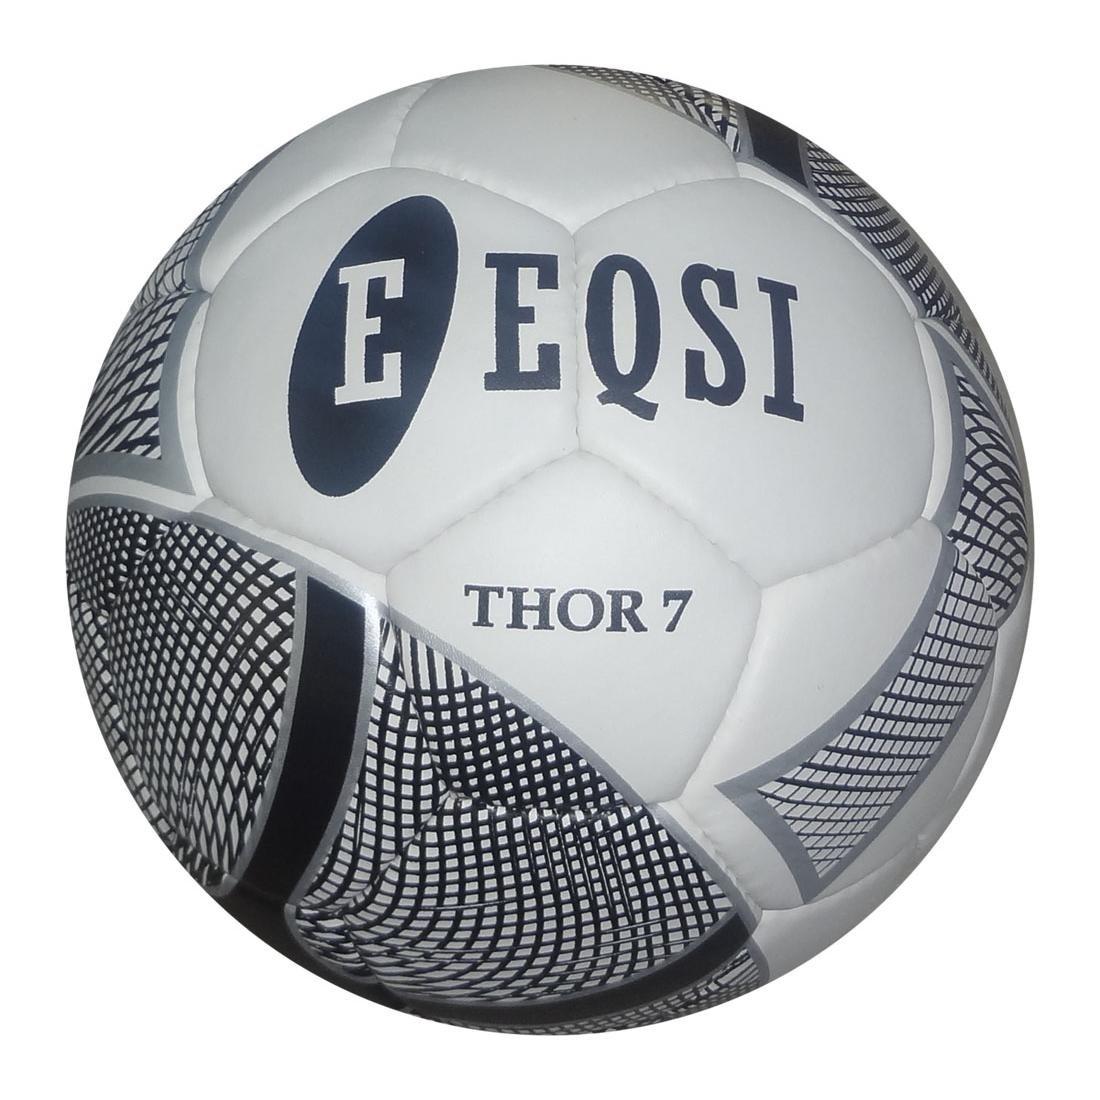 Eqsi 40001 - Balón de fútbol: Amazon.es: Deportes y aire libre